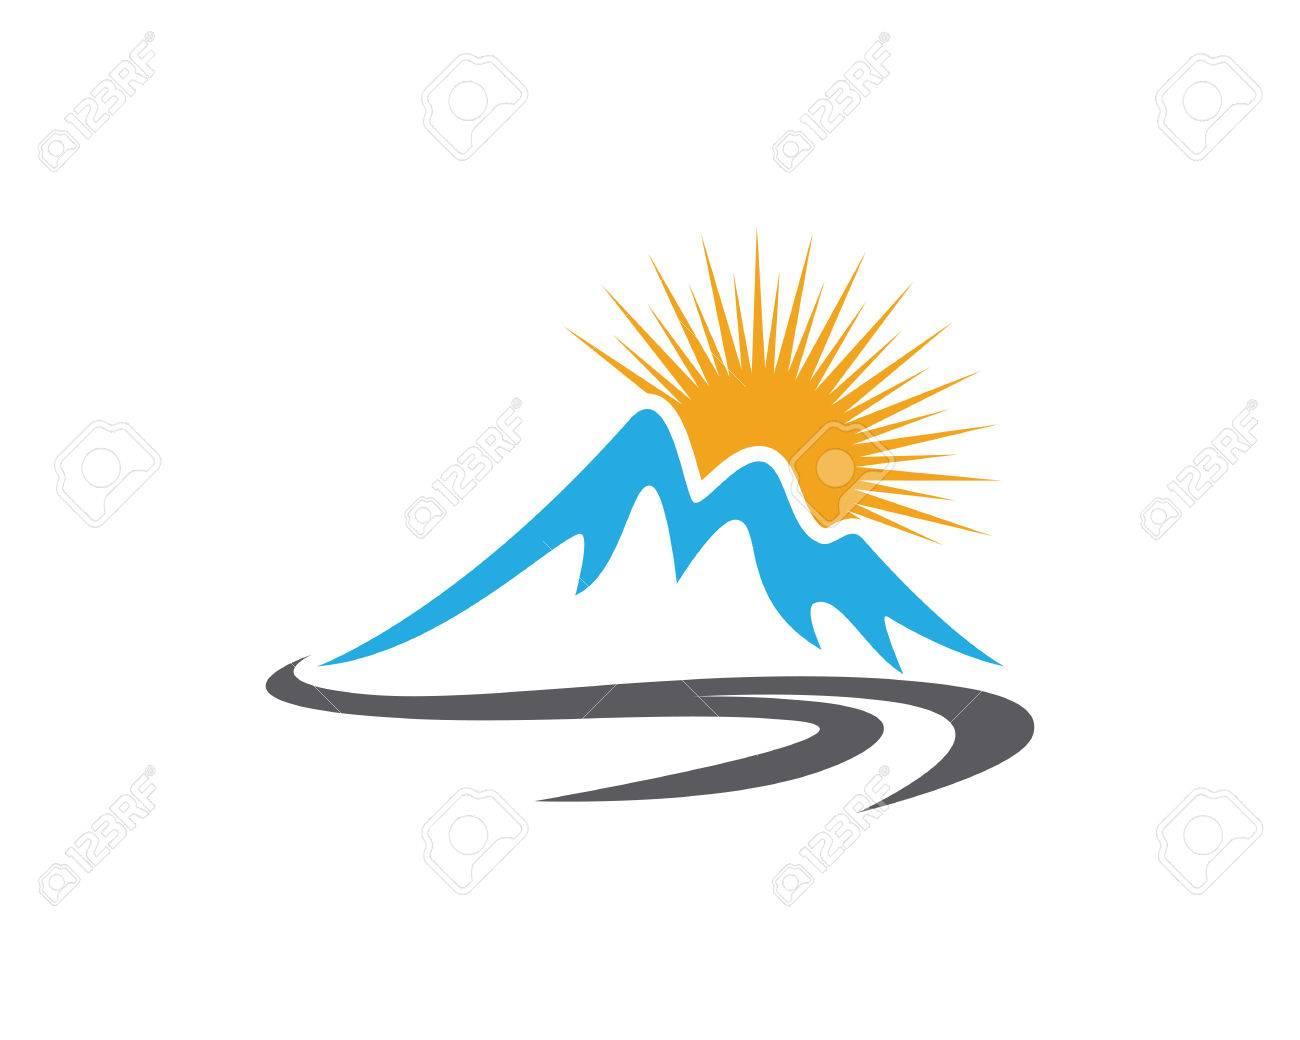 Berg-Symbol Logo Geschäftsvorlage Vektor Lizenzfrei Nutzbare ...